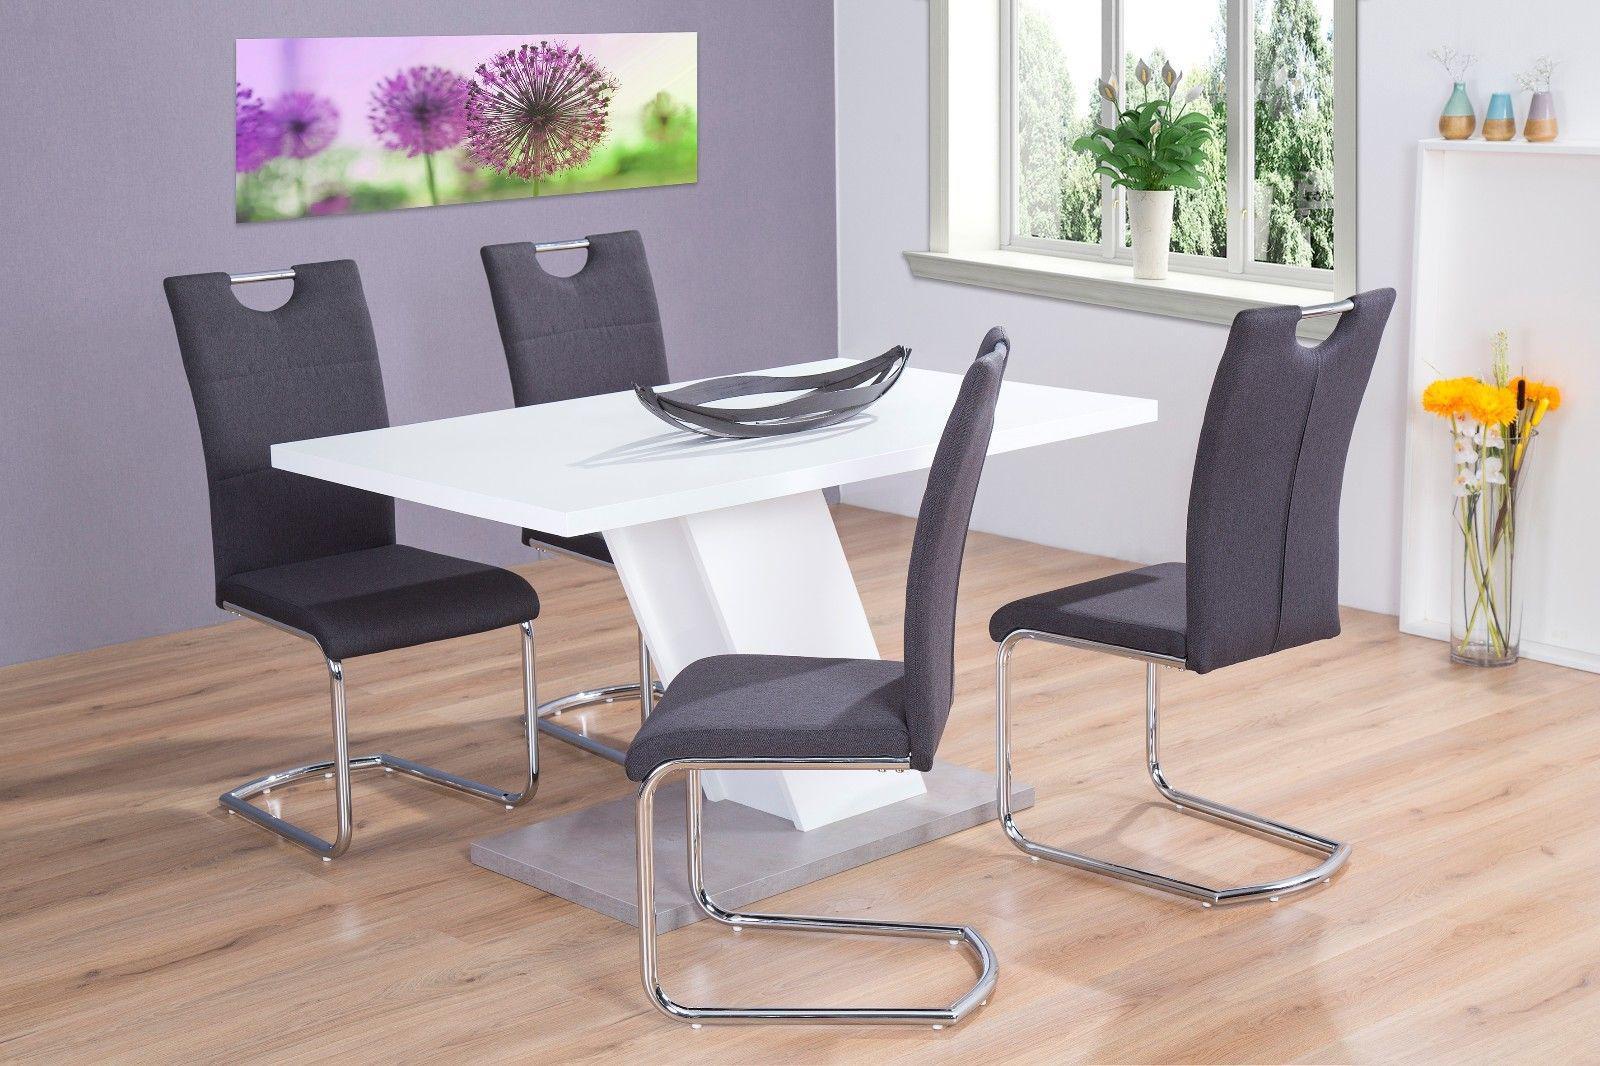 Esstisch Weiss Betonoptik 140x80 Esszimmer Wohnzimmertisch Modern Design Gnstig 1